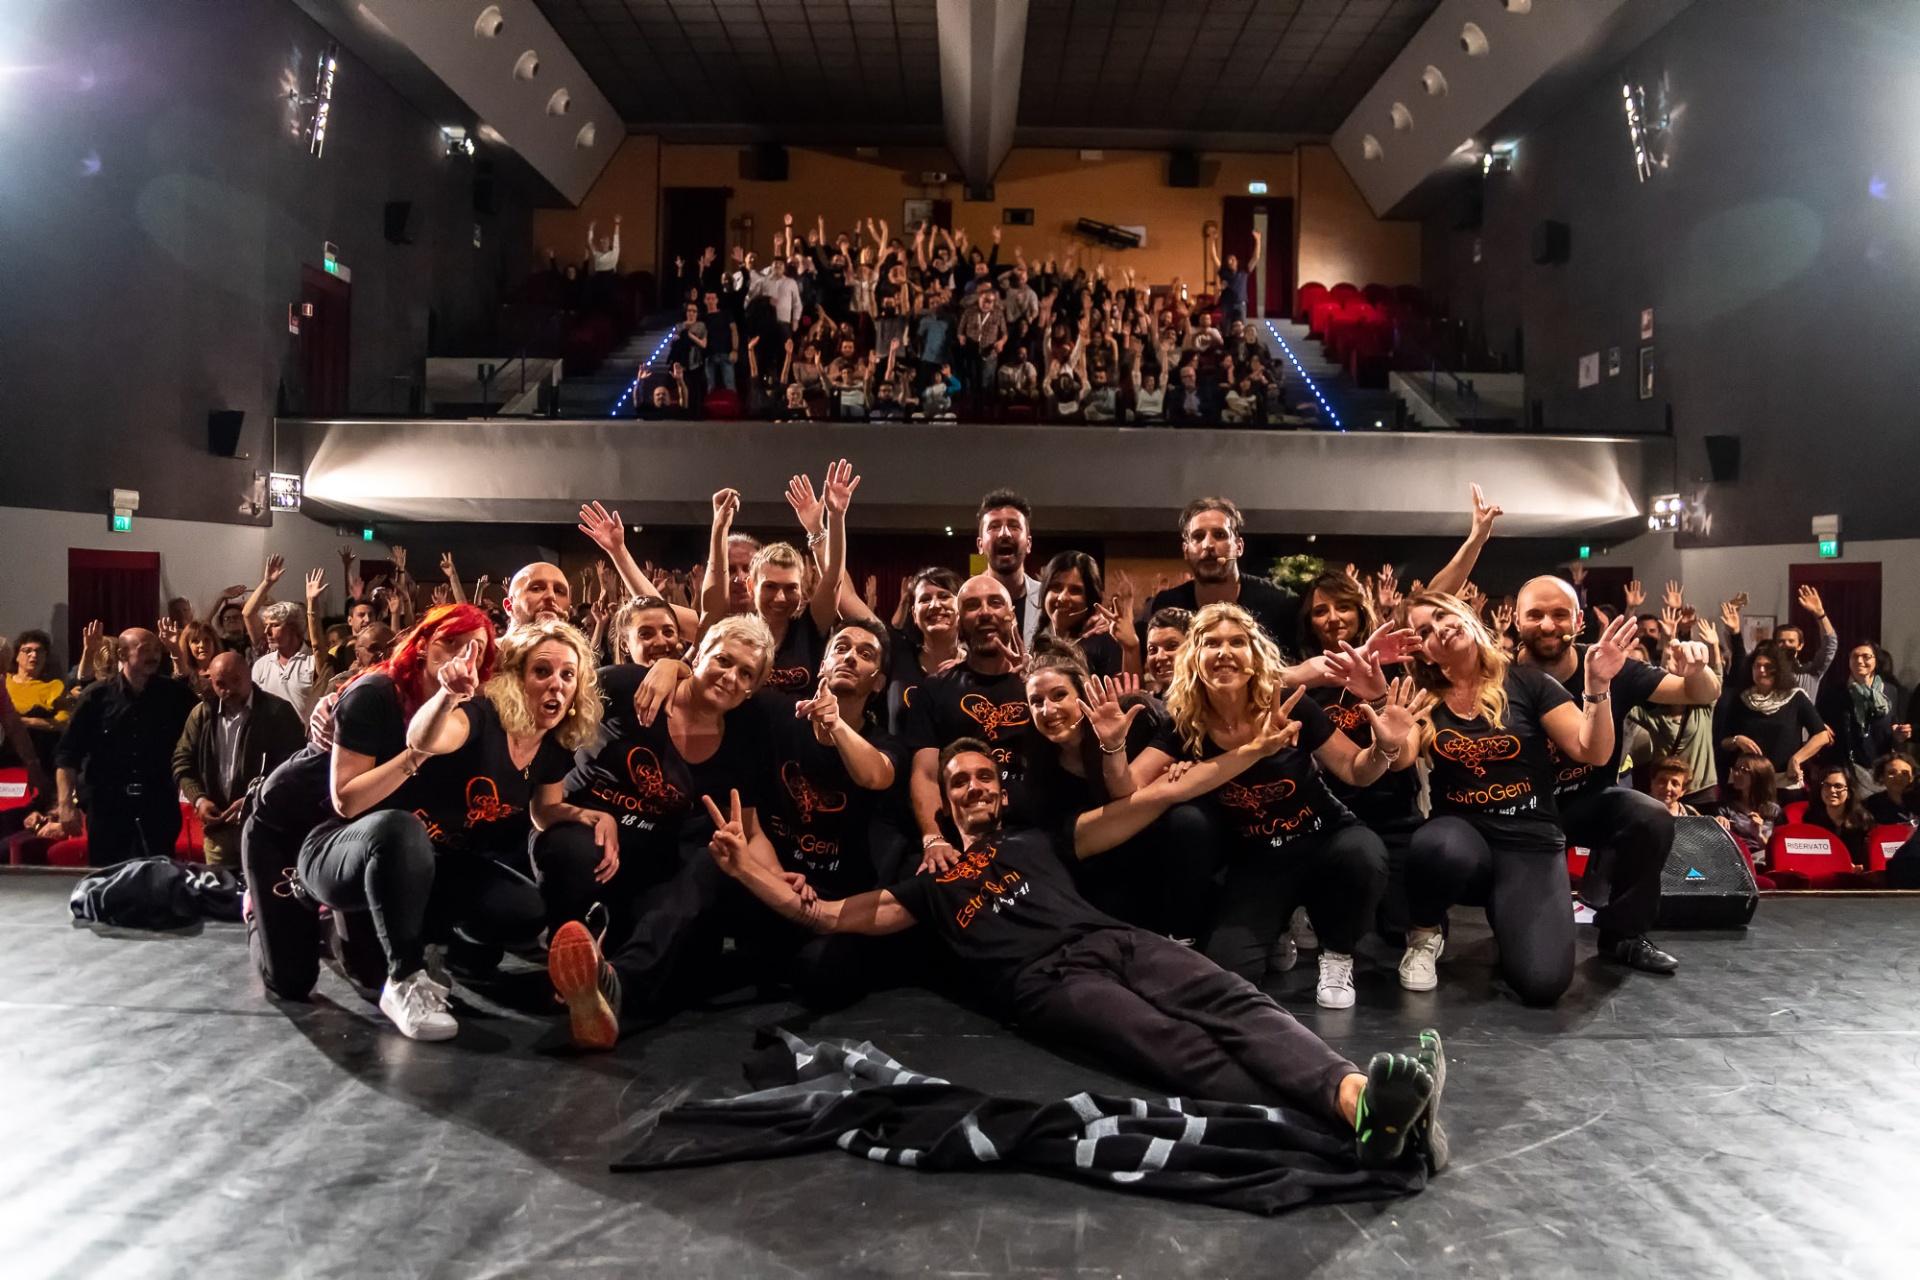 Succede Sempre di Martedì, Teatro Astoria - Fiorano Modenese (MO) Martedì 22 maggio 2018 EstroGeni - Improvvisazione Teatrale